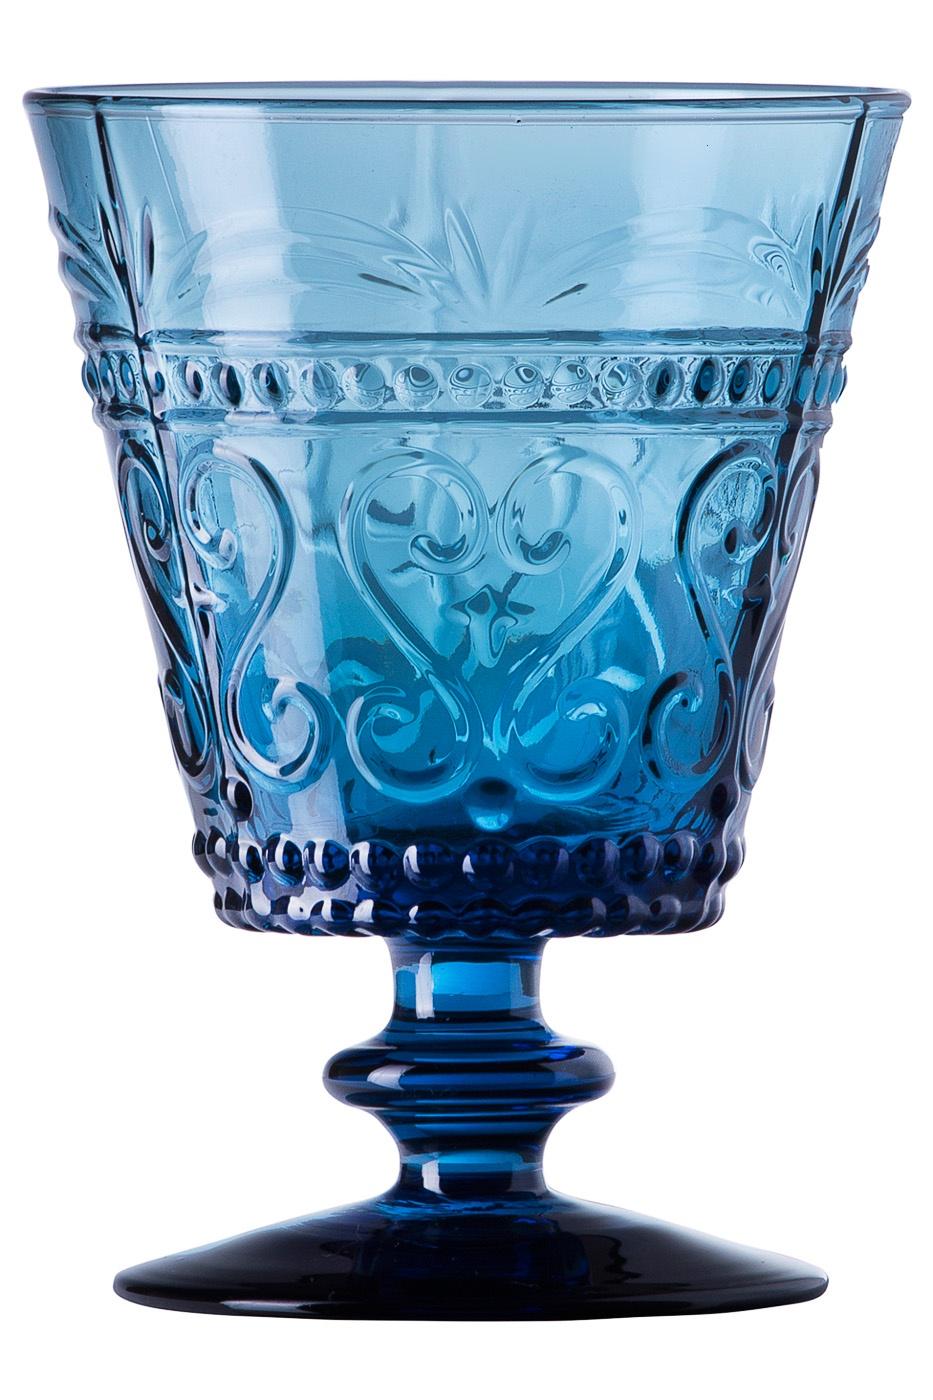 """Бокал Zafferano PV00603, голубойPV00603В самой демократичной по цене серии """"Provenzale"""" итальянского бренда Zafferano вы встретите коллекцию бокалов для воды/сока, бокалы для вина, тарелки десертные и обеденные, блюда и чаши, кувшины, емкости для хранения.Особенность данной серии, в ее стиле. Он позаимствован из далеко прошлого и в целом относится к стилю """"винтаж"""".Коллекция выполнена из цветного стекла, ручная работа.Можно мыть в посудомоечной машине при температуре не более 60 C?."""